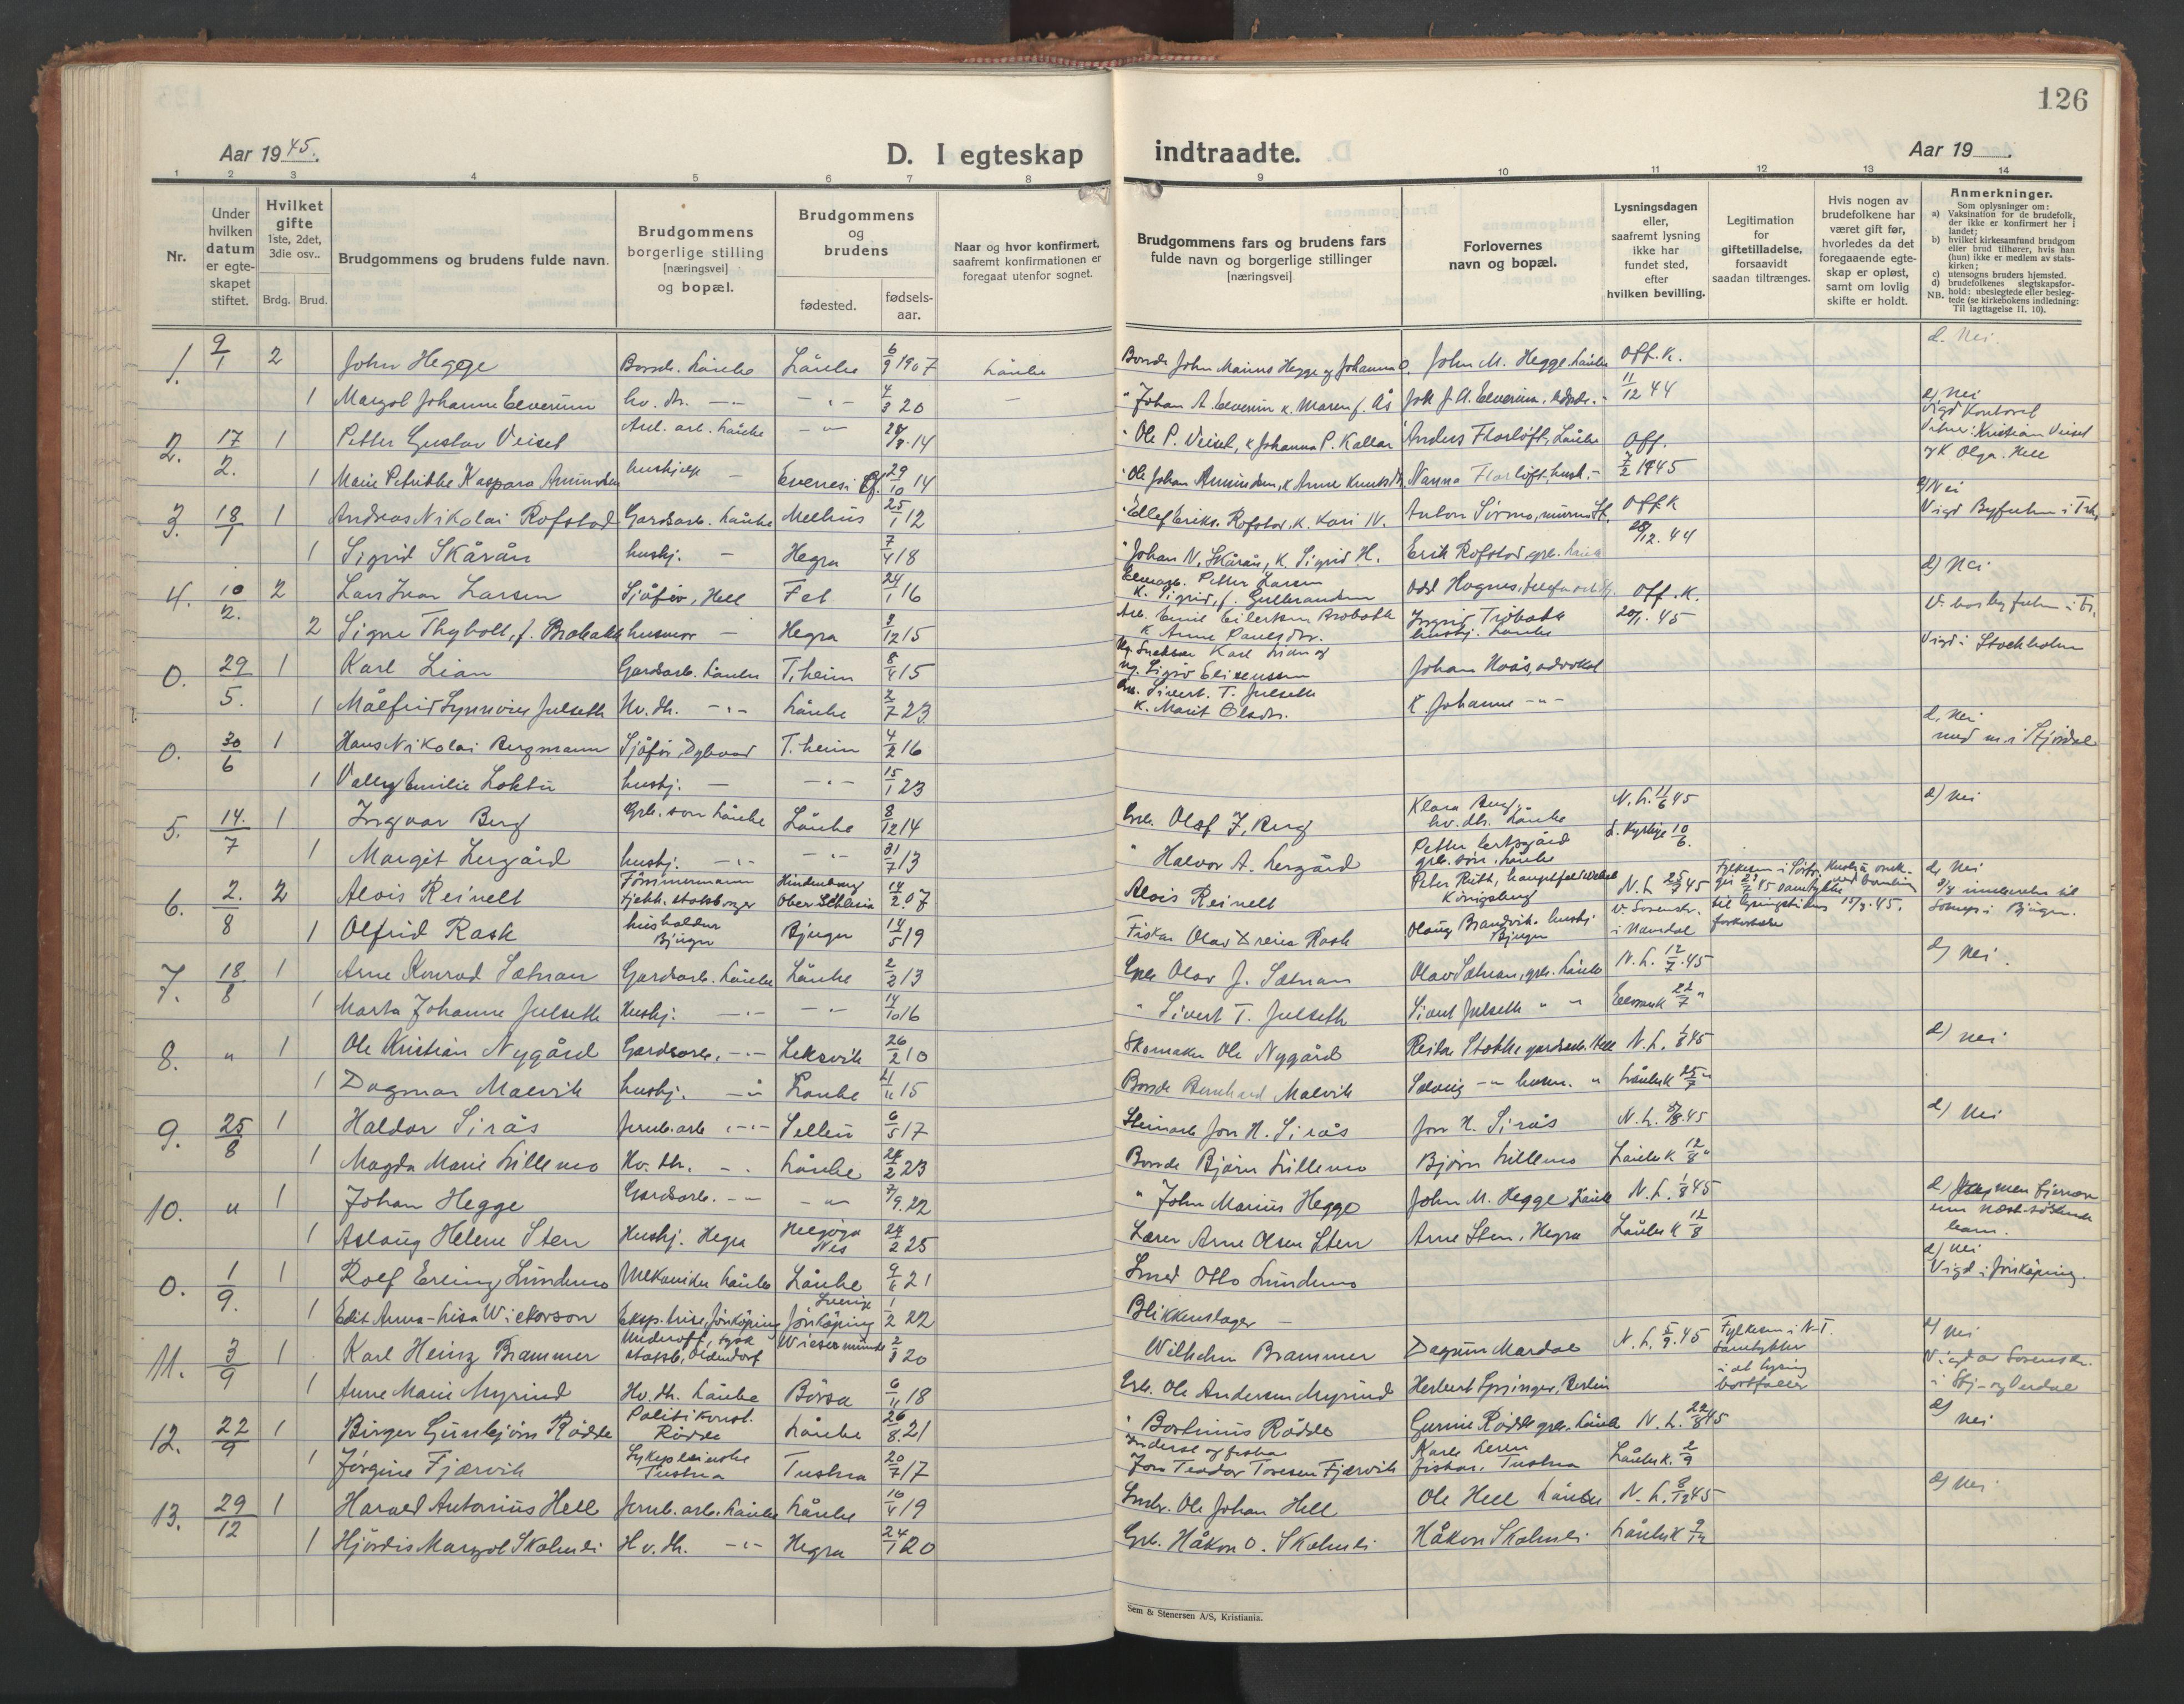 SAT, Ministerialprotokoller, klokkerbøker og fødselsregistre - Nord-Trøndelag, 710/L0097: Klokkerbok nr. 710C02, 1925-1955, s. 126